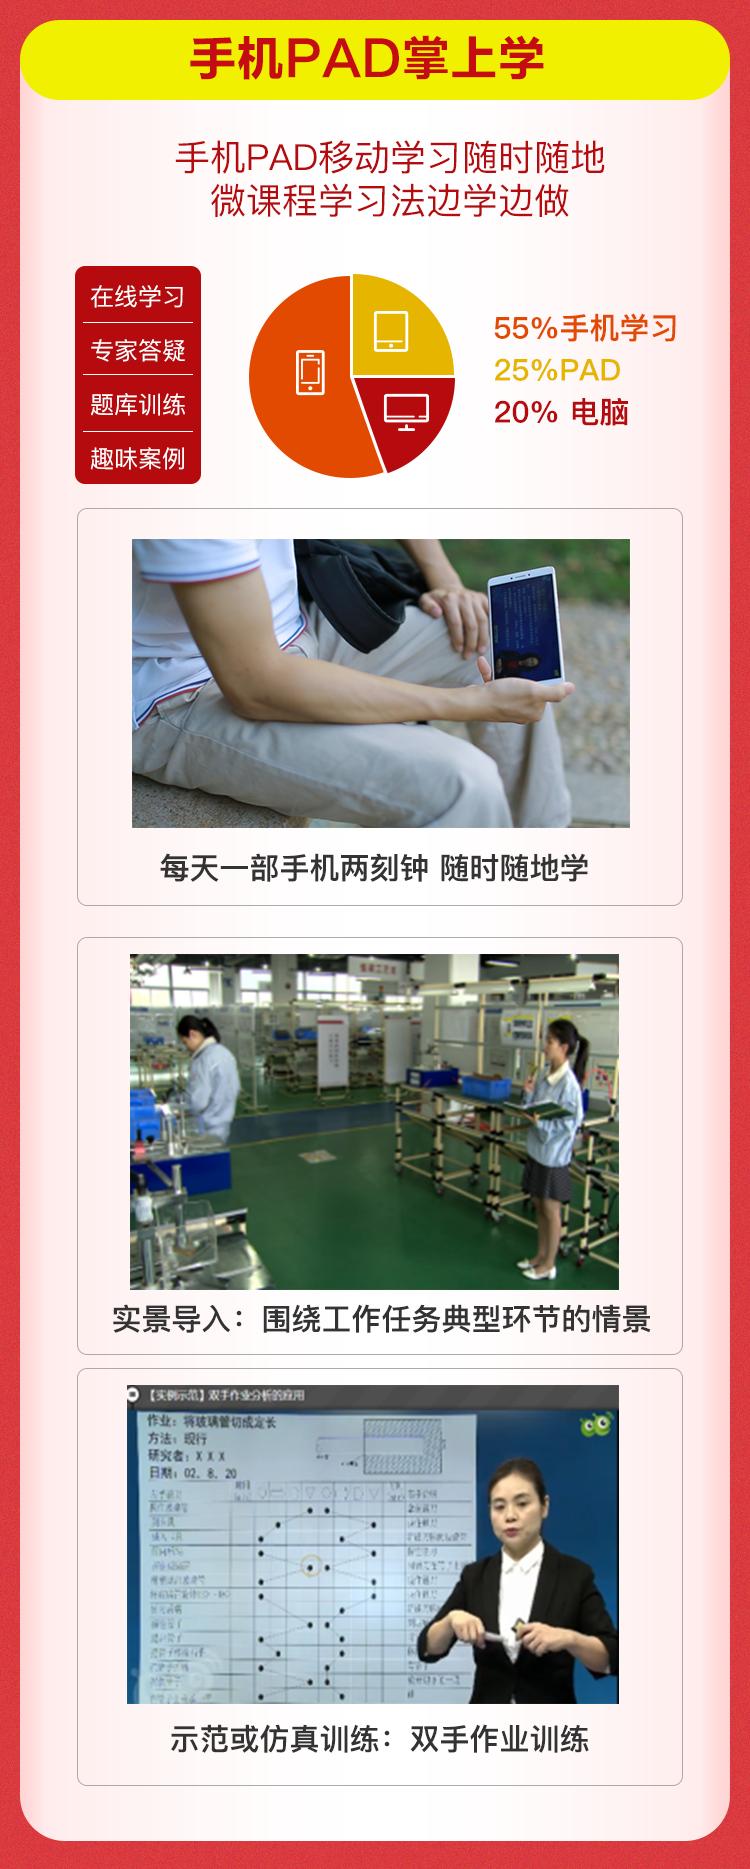 生产运作管理V1_04.png